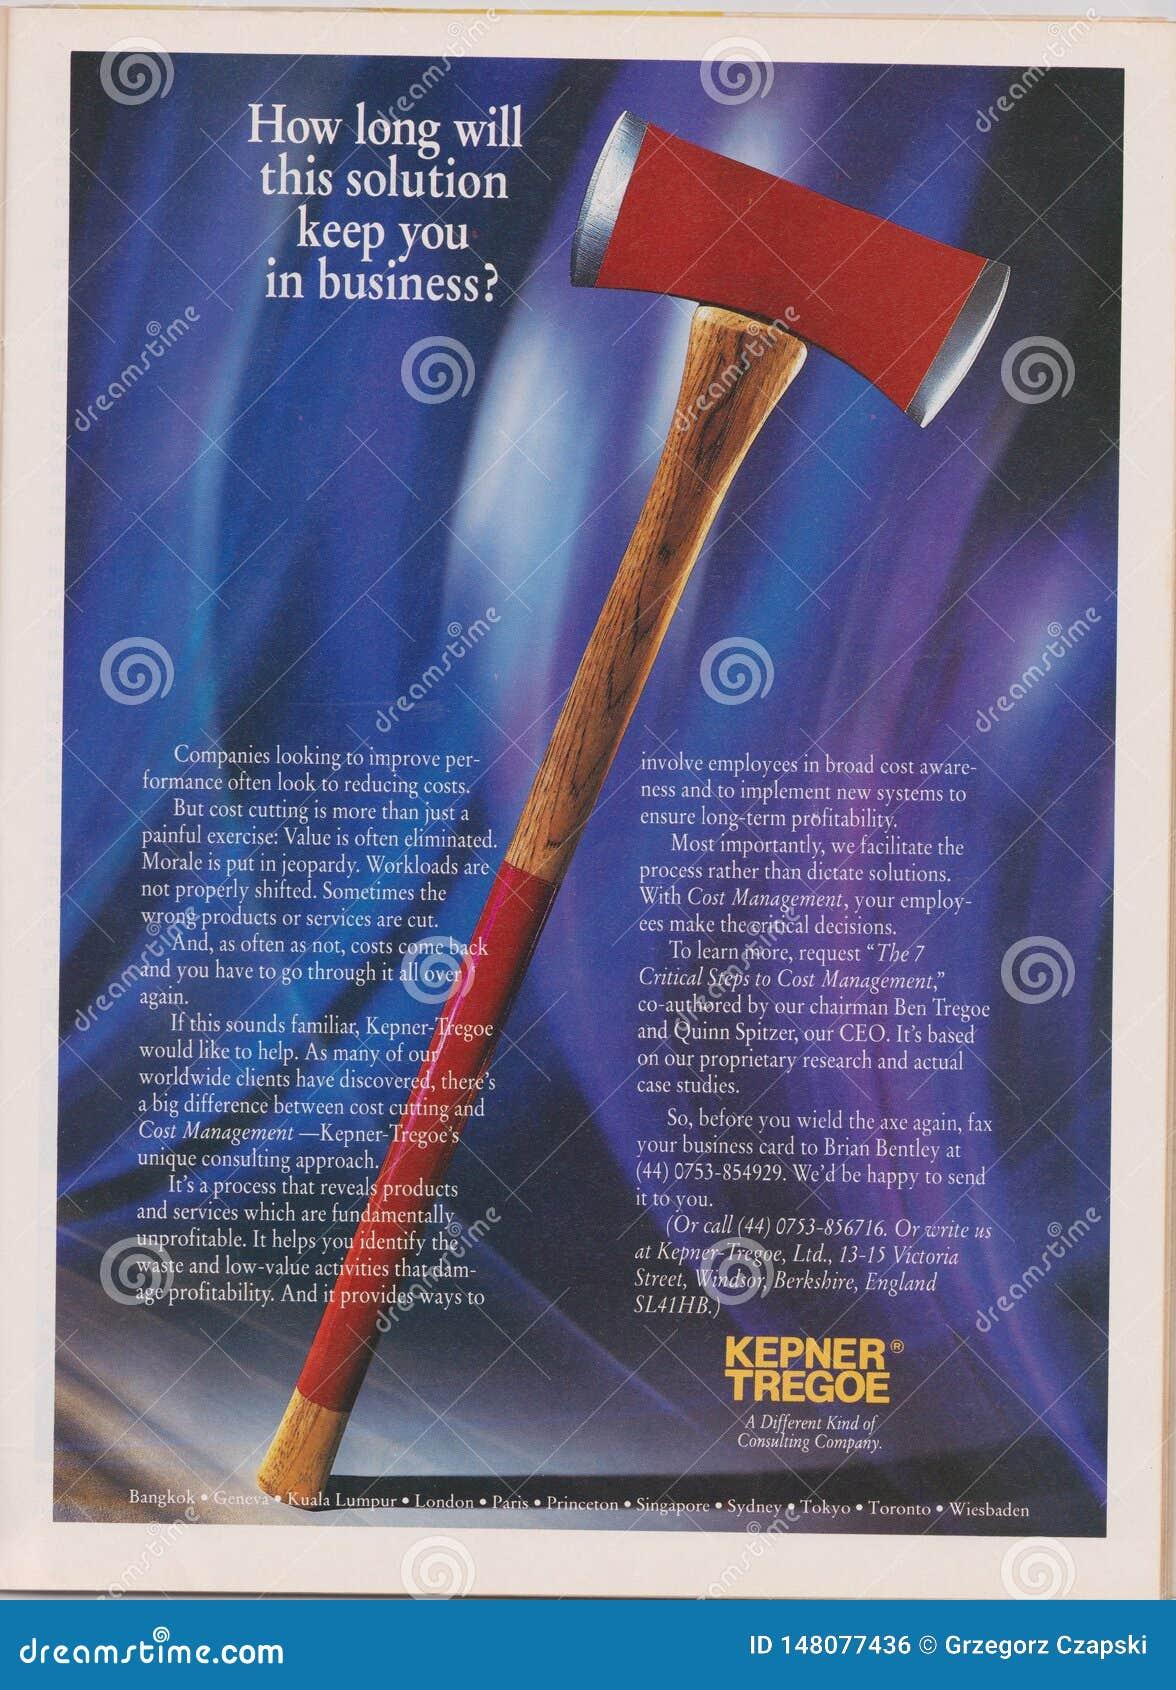 Affiche die adverteren Kepner Tregoe in tijdschrift vanaf 1992, hoe lang deze oplossing u in zaken zal houden? slogan